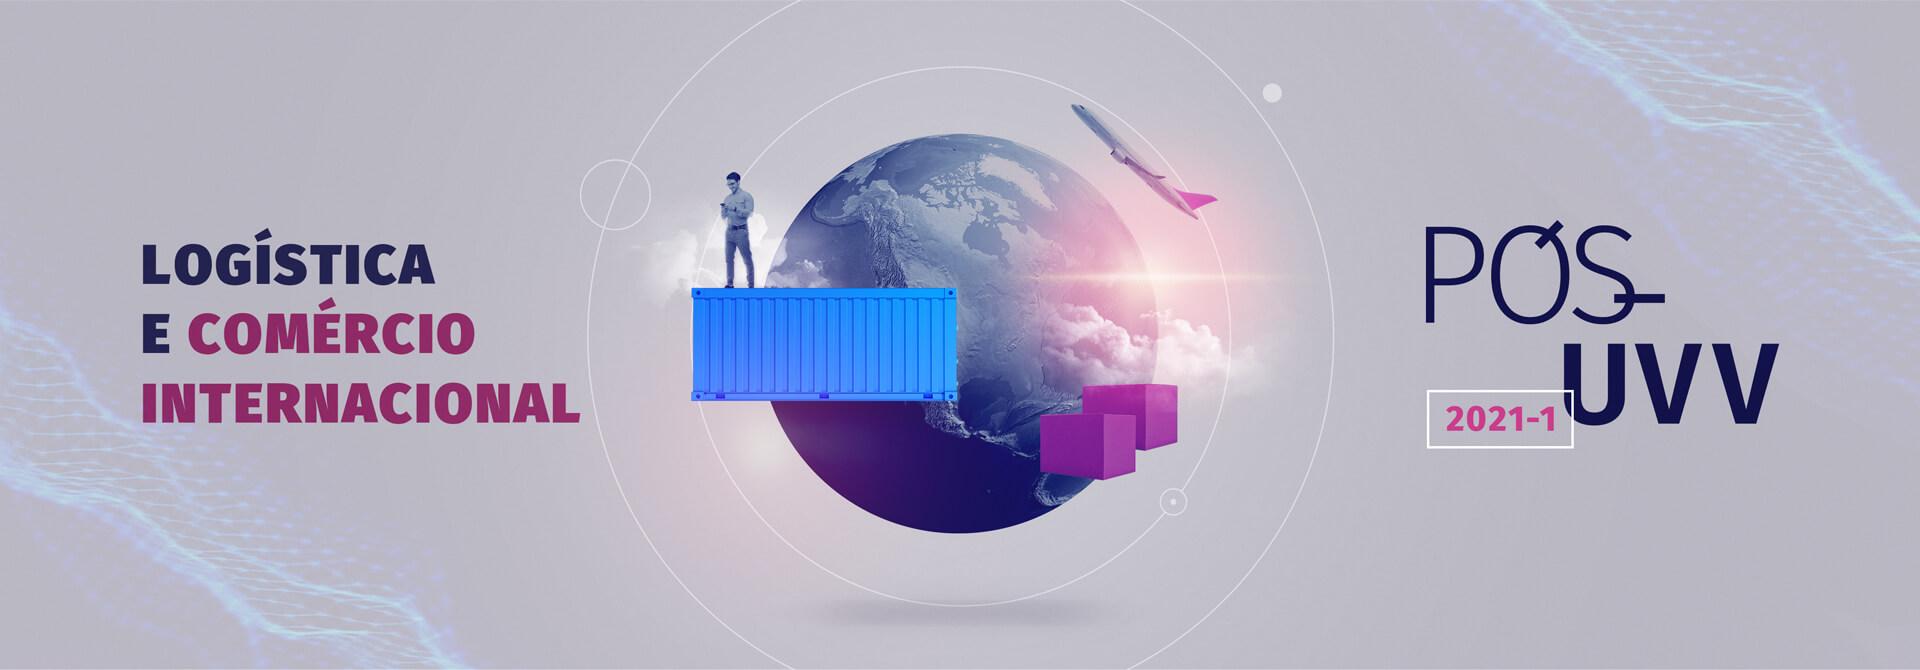 Faça Pós-Graduação em Logística e Comércio Internacional